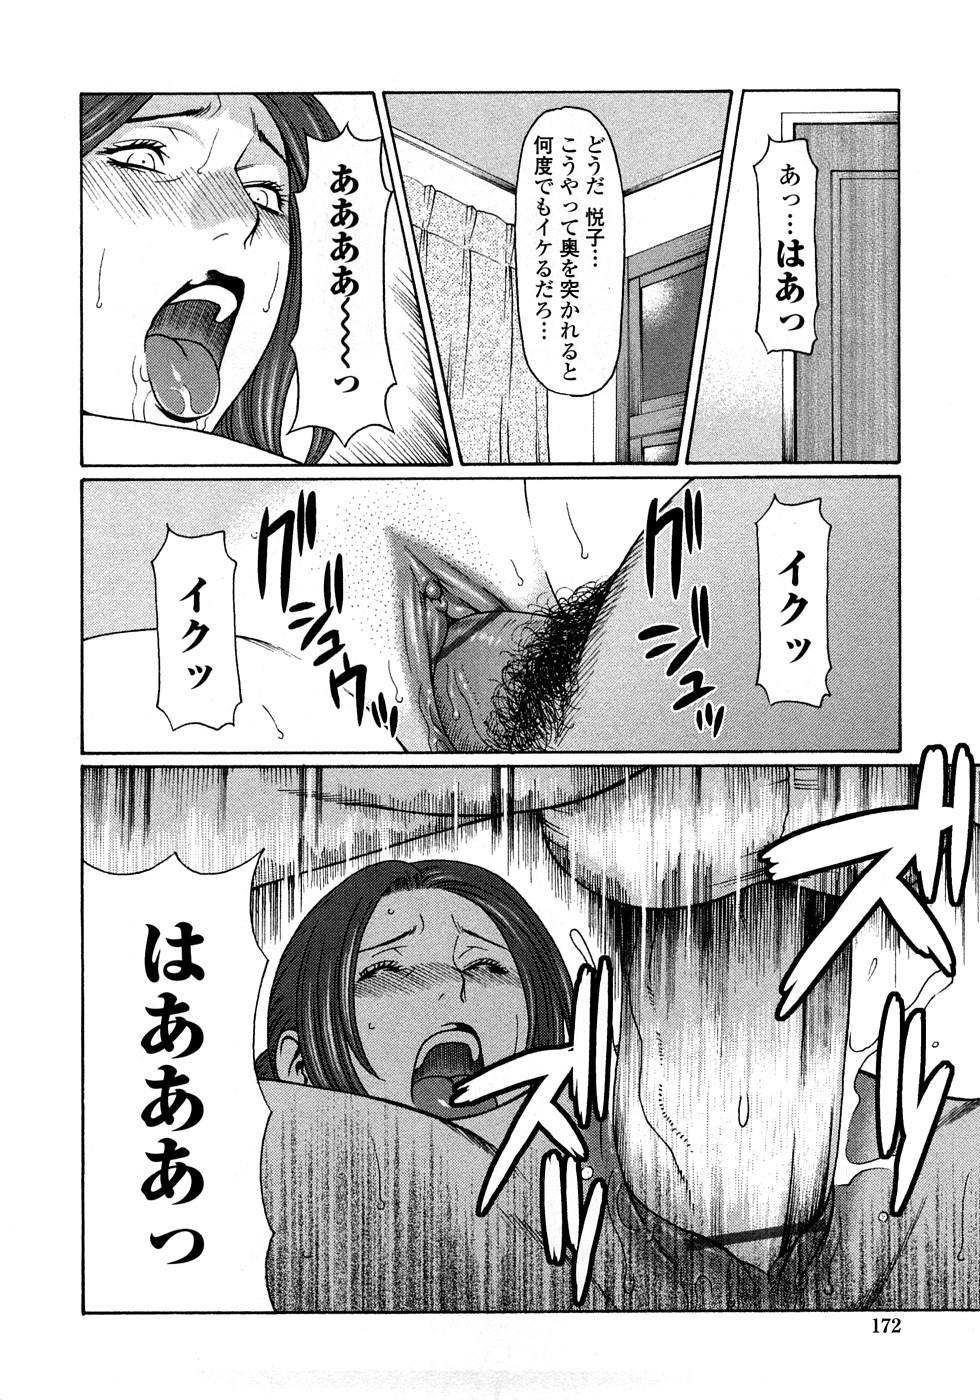 Etsuraku no Tobira - The Door of Sexual Pleasure 170